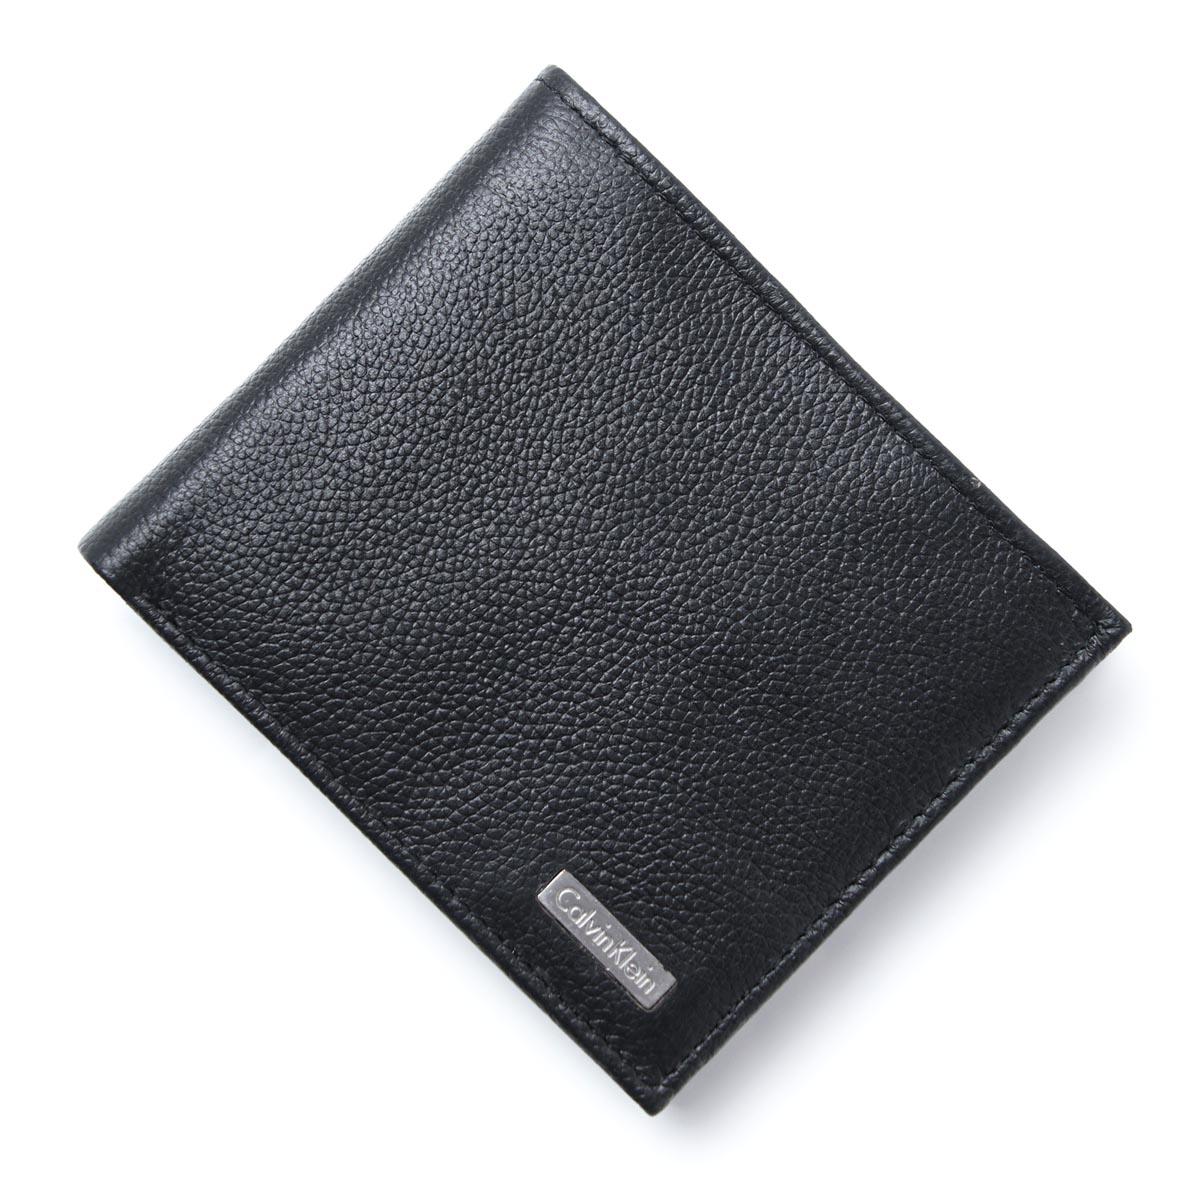 カルバンクライン Calvin Klein 二つ折り 財布 小銭入れ付き ブラック メンズ ウォレット ギフト プレゼント レザー 79215 black【ラッピング無料】【返品送料無料】【あす楽対応_関東】